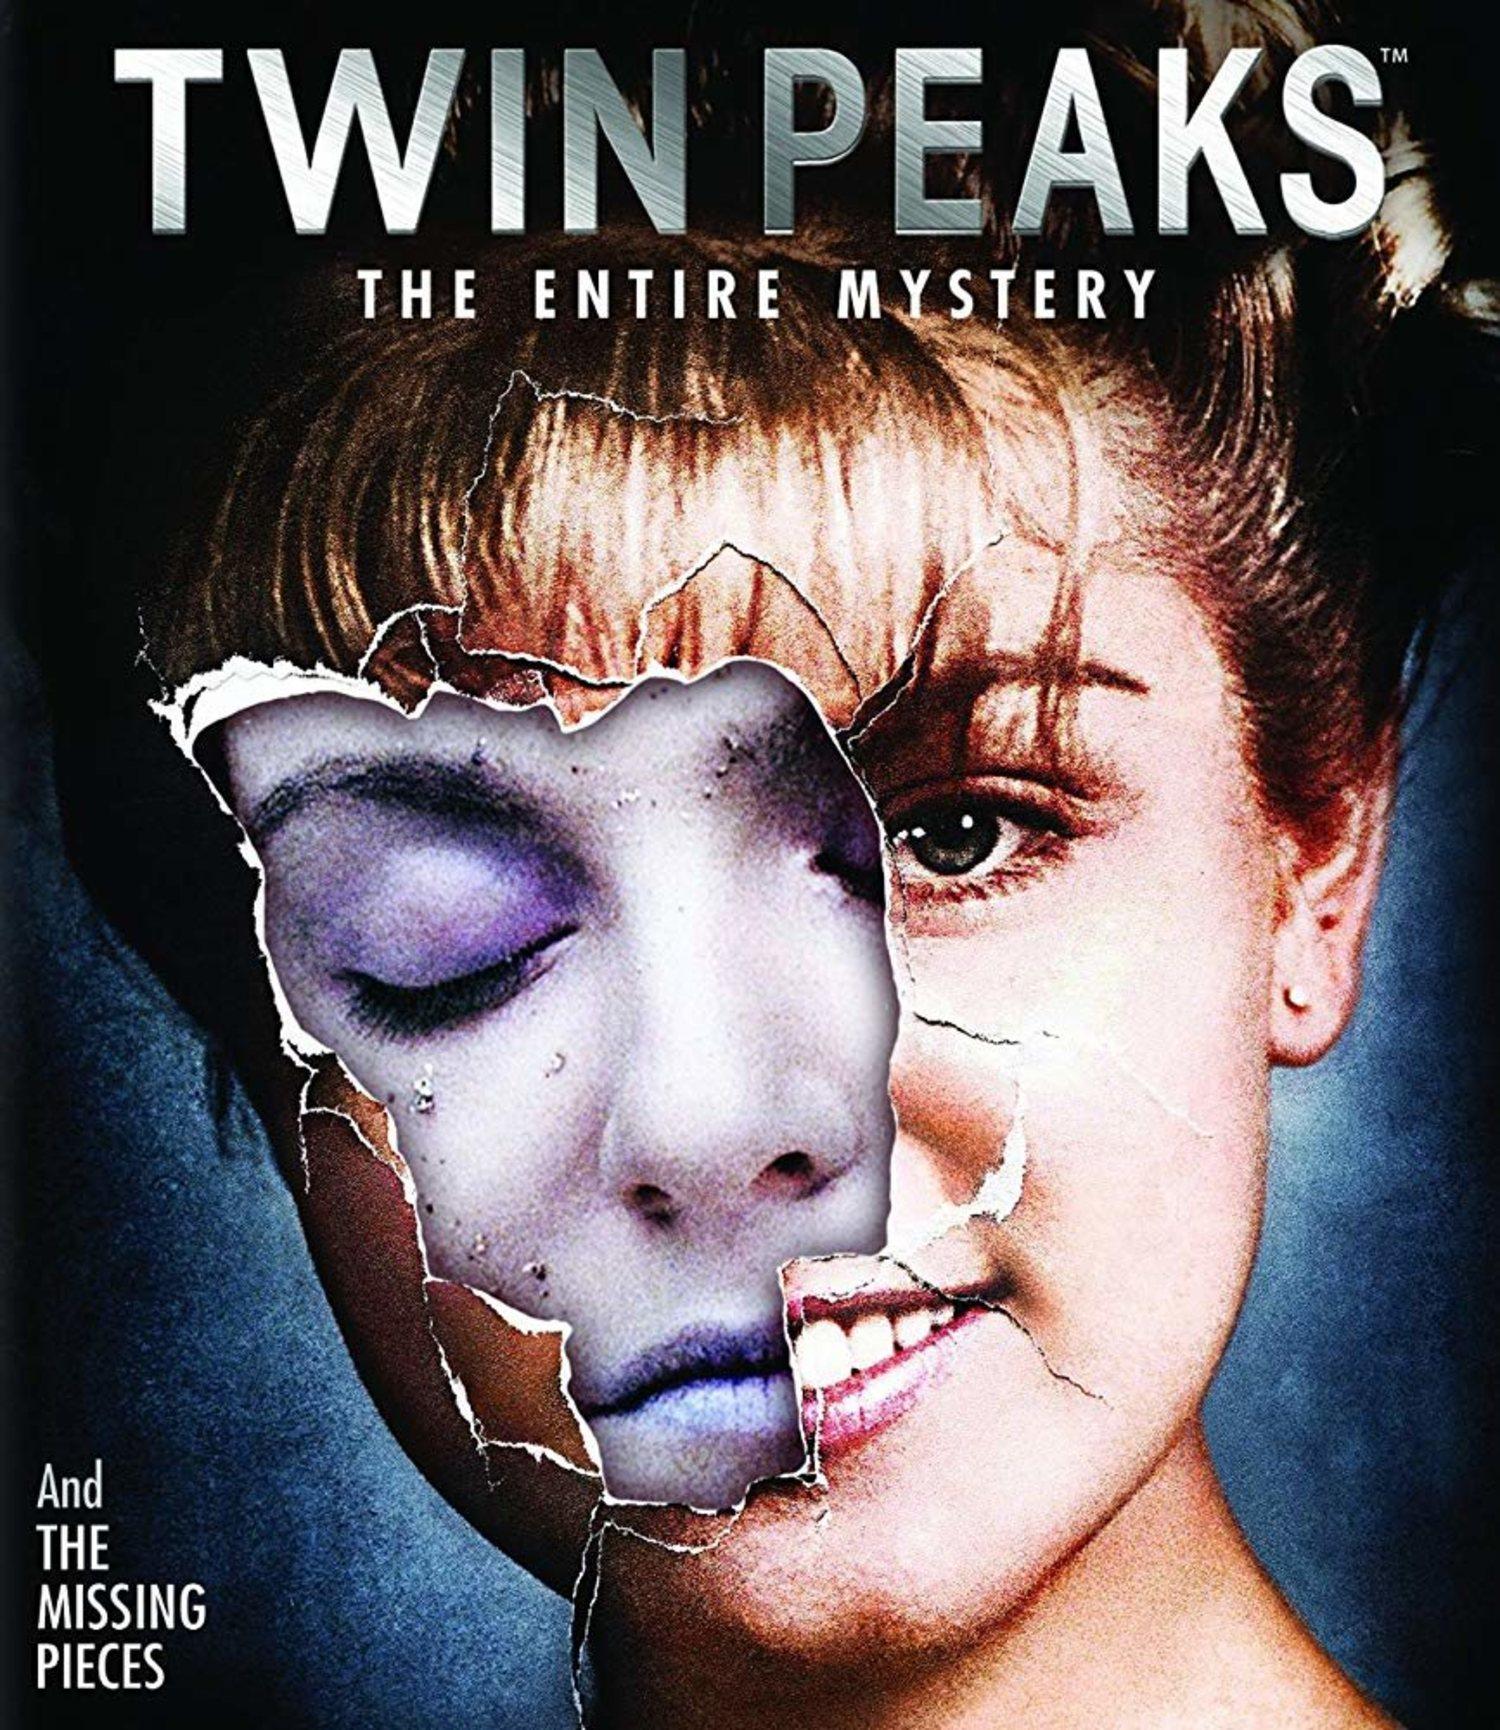 Imagen de 'Twin Peaks: Las Piezas perdidas'.